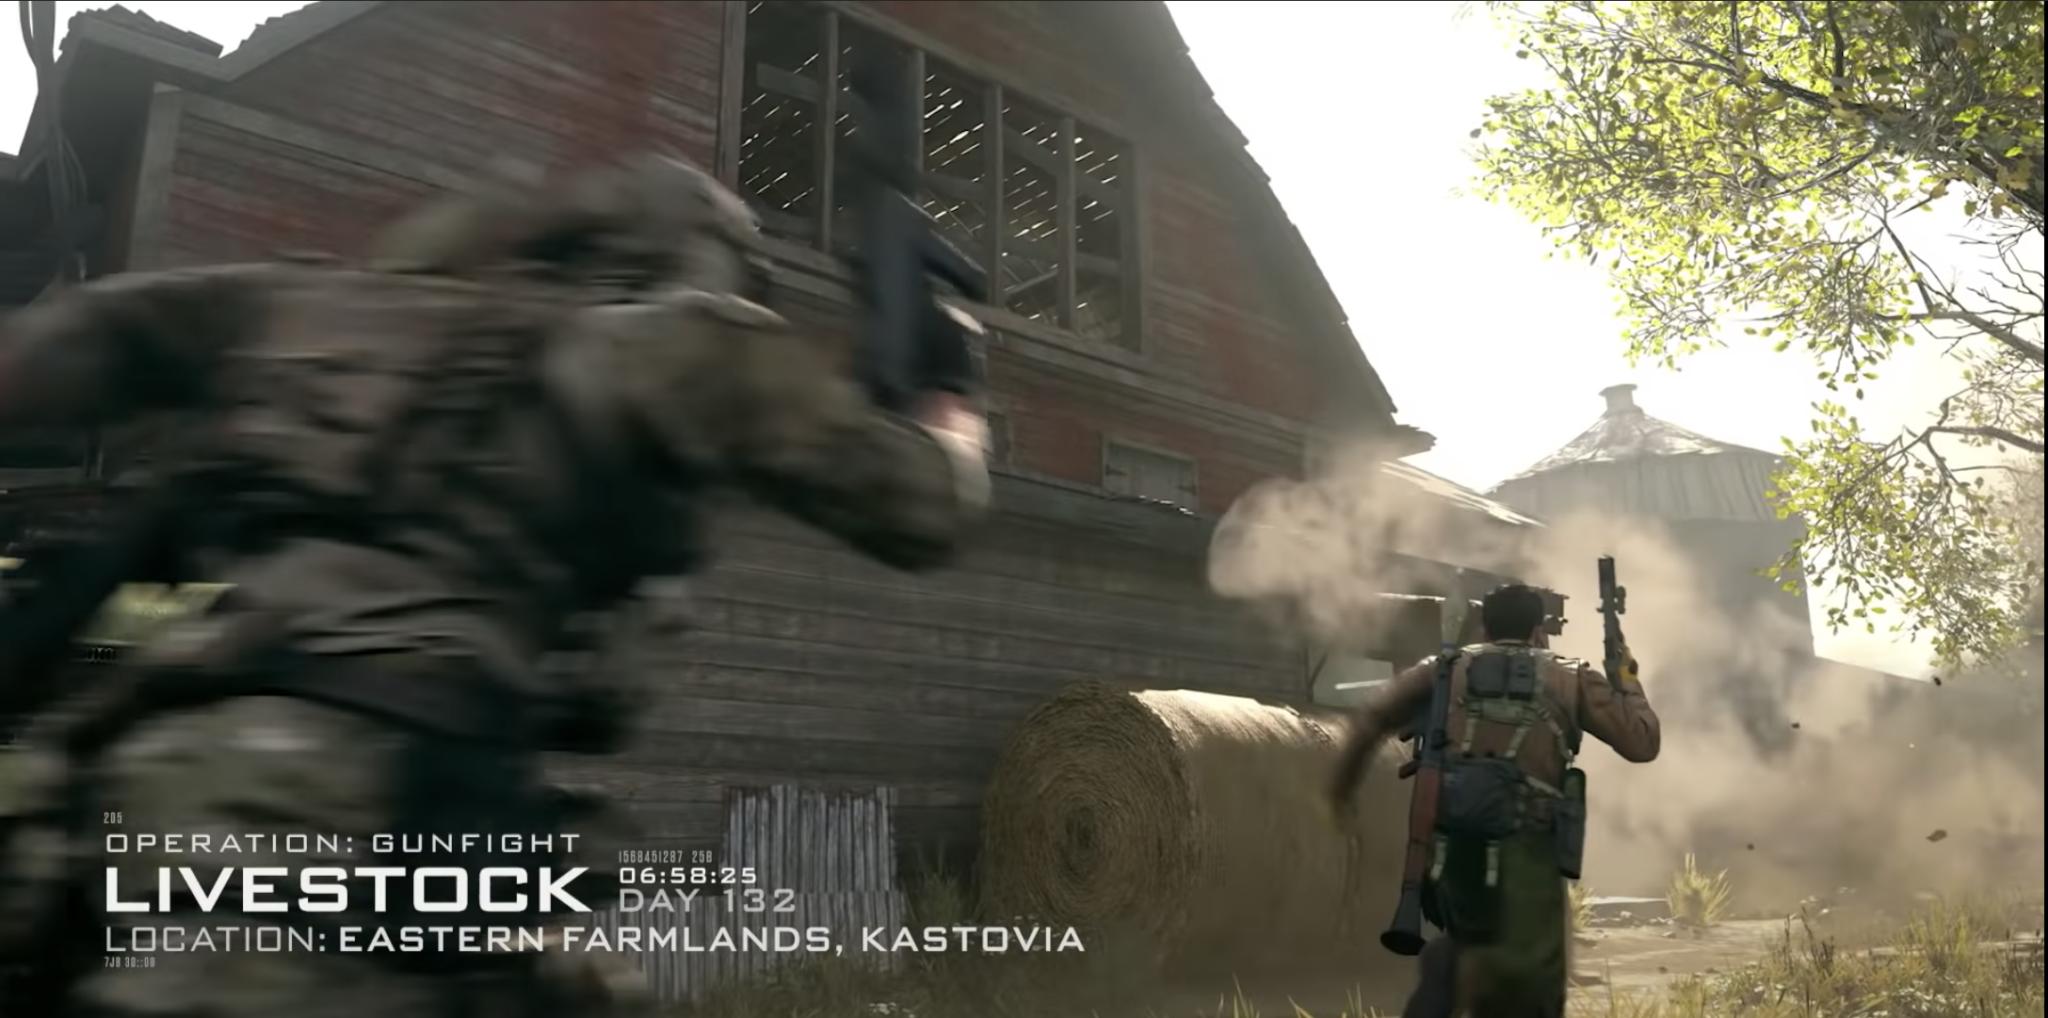 Saison 5 Modern Warfare Warzone Infinity Ward Livestock